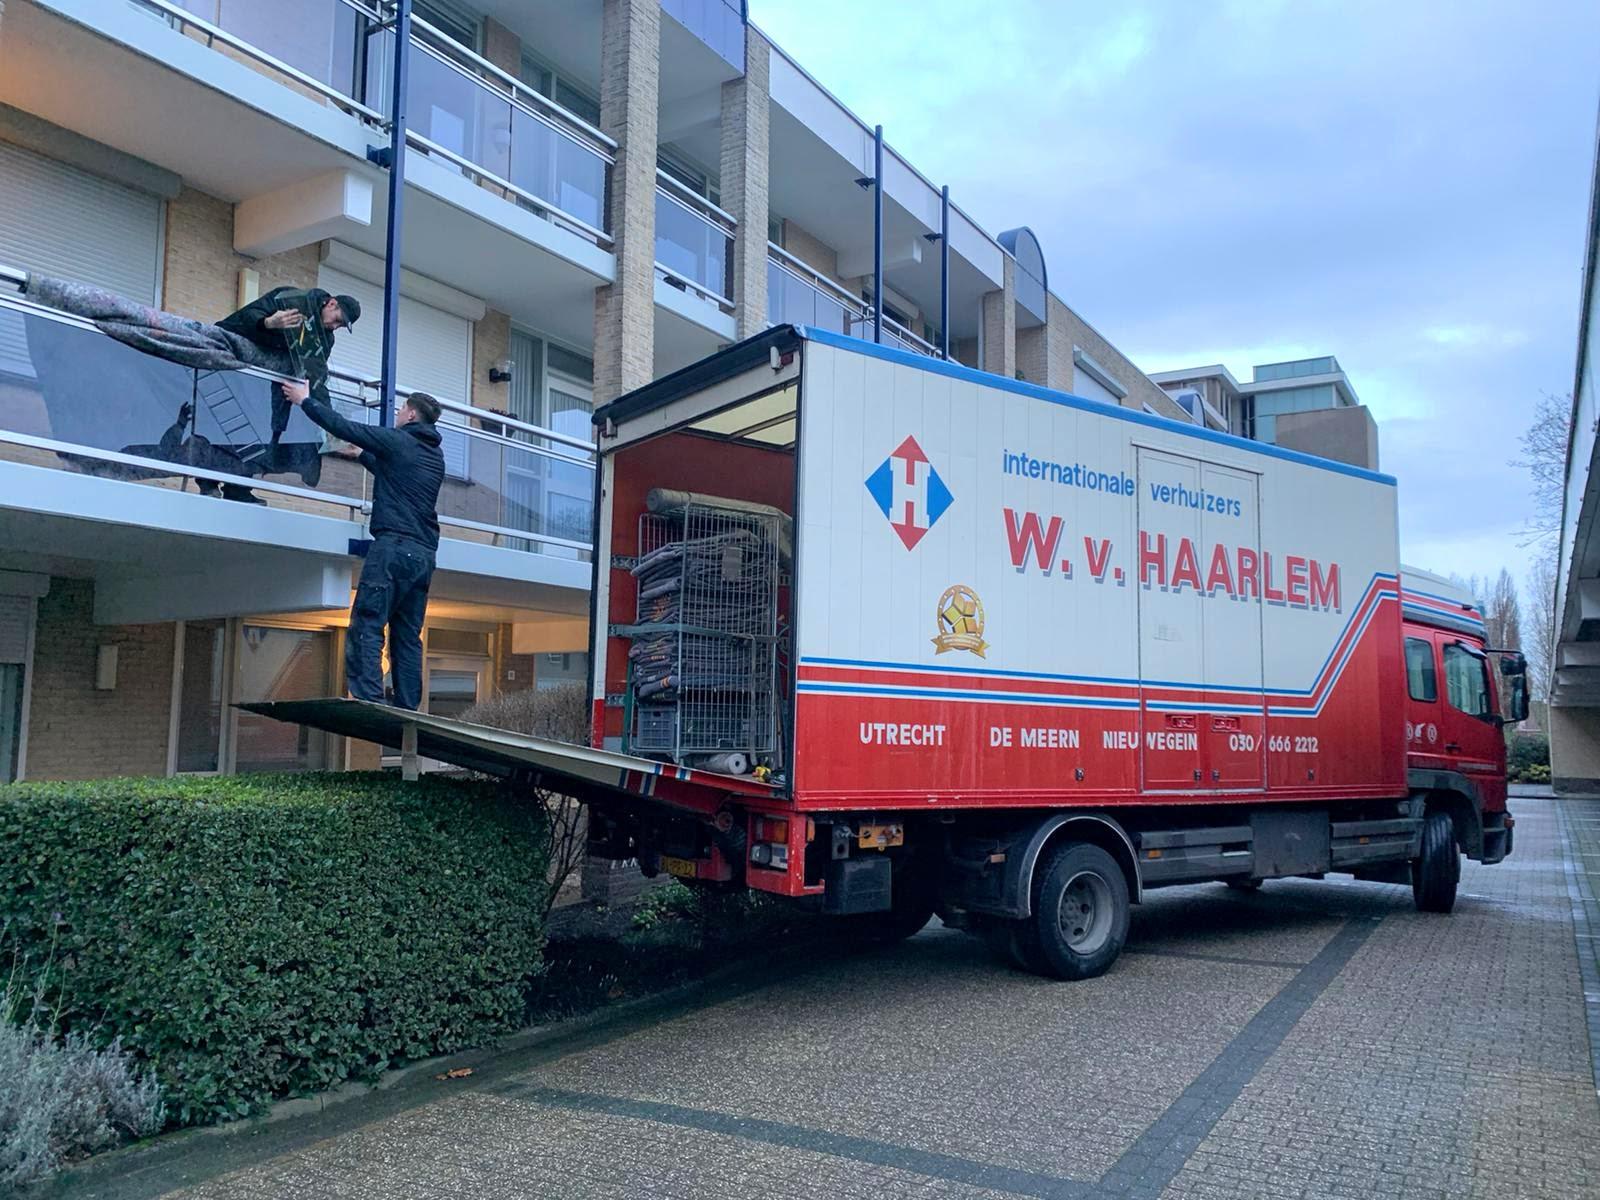 W van Haarlem Verhuisservice